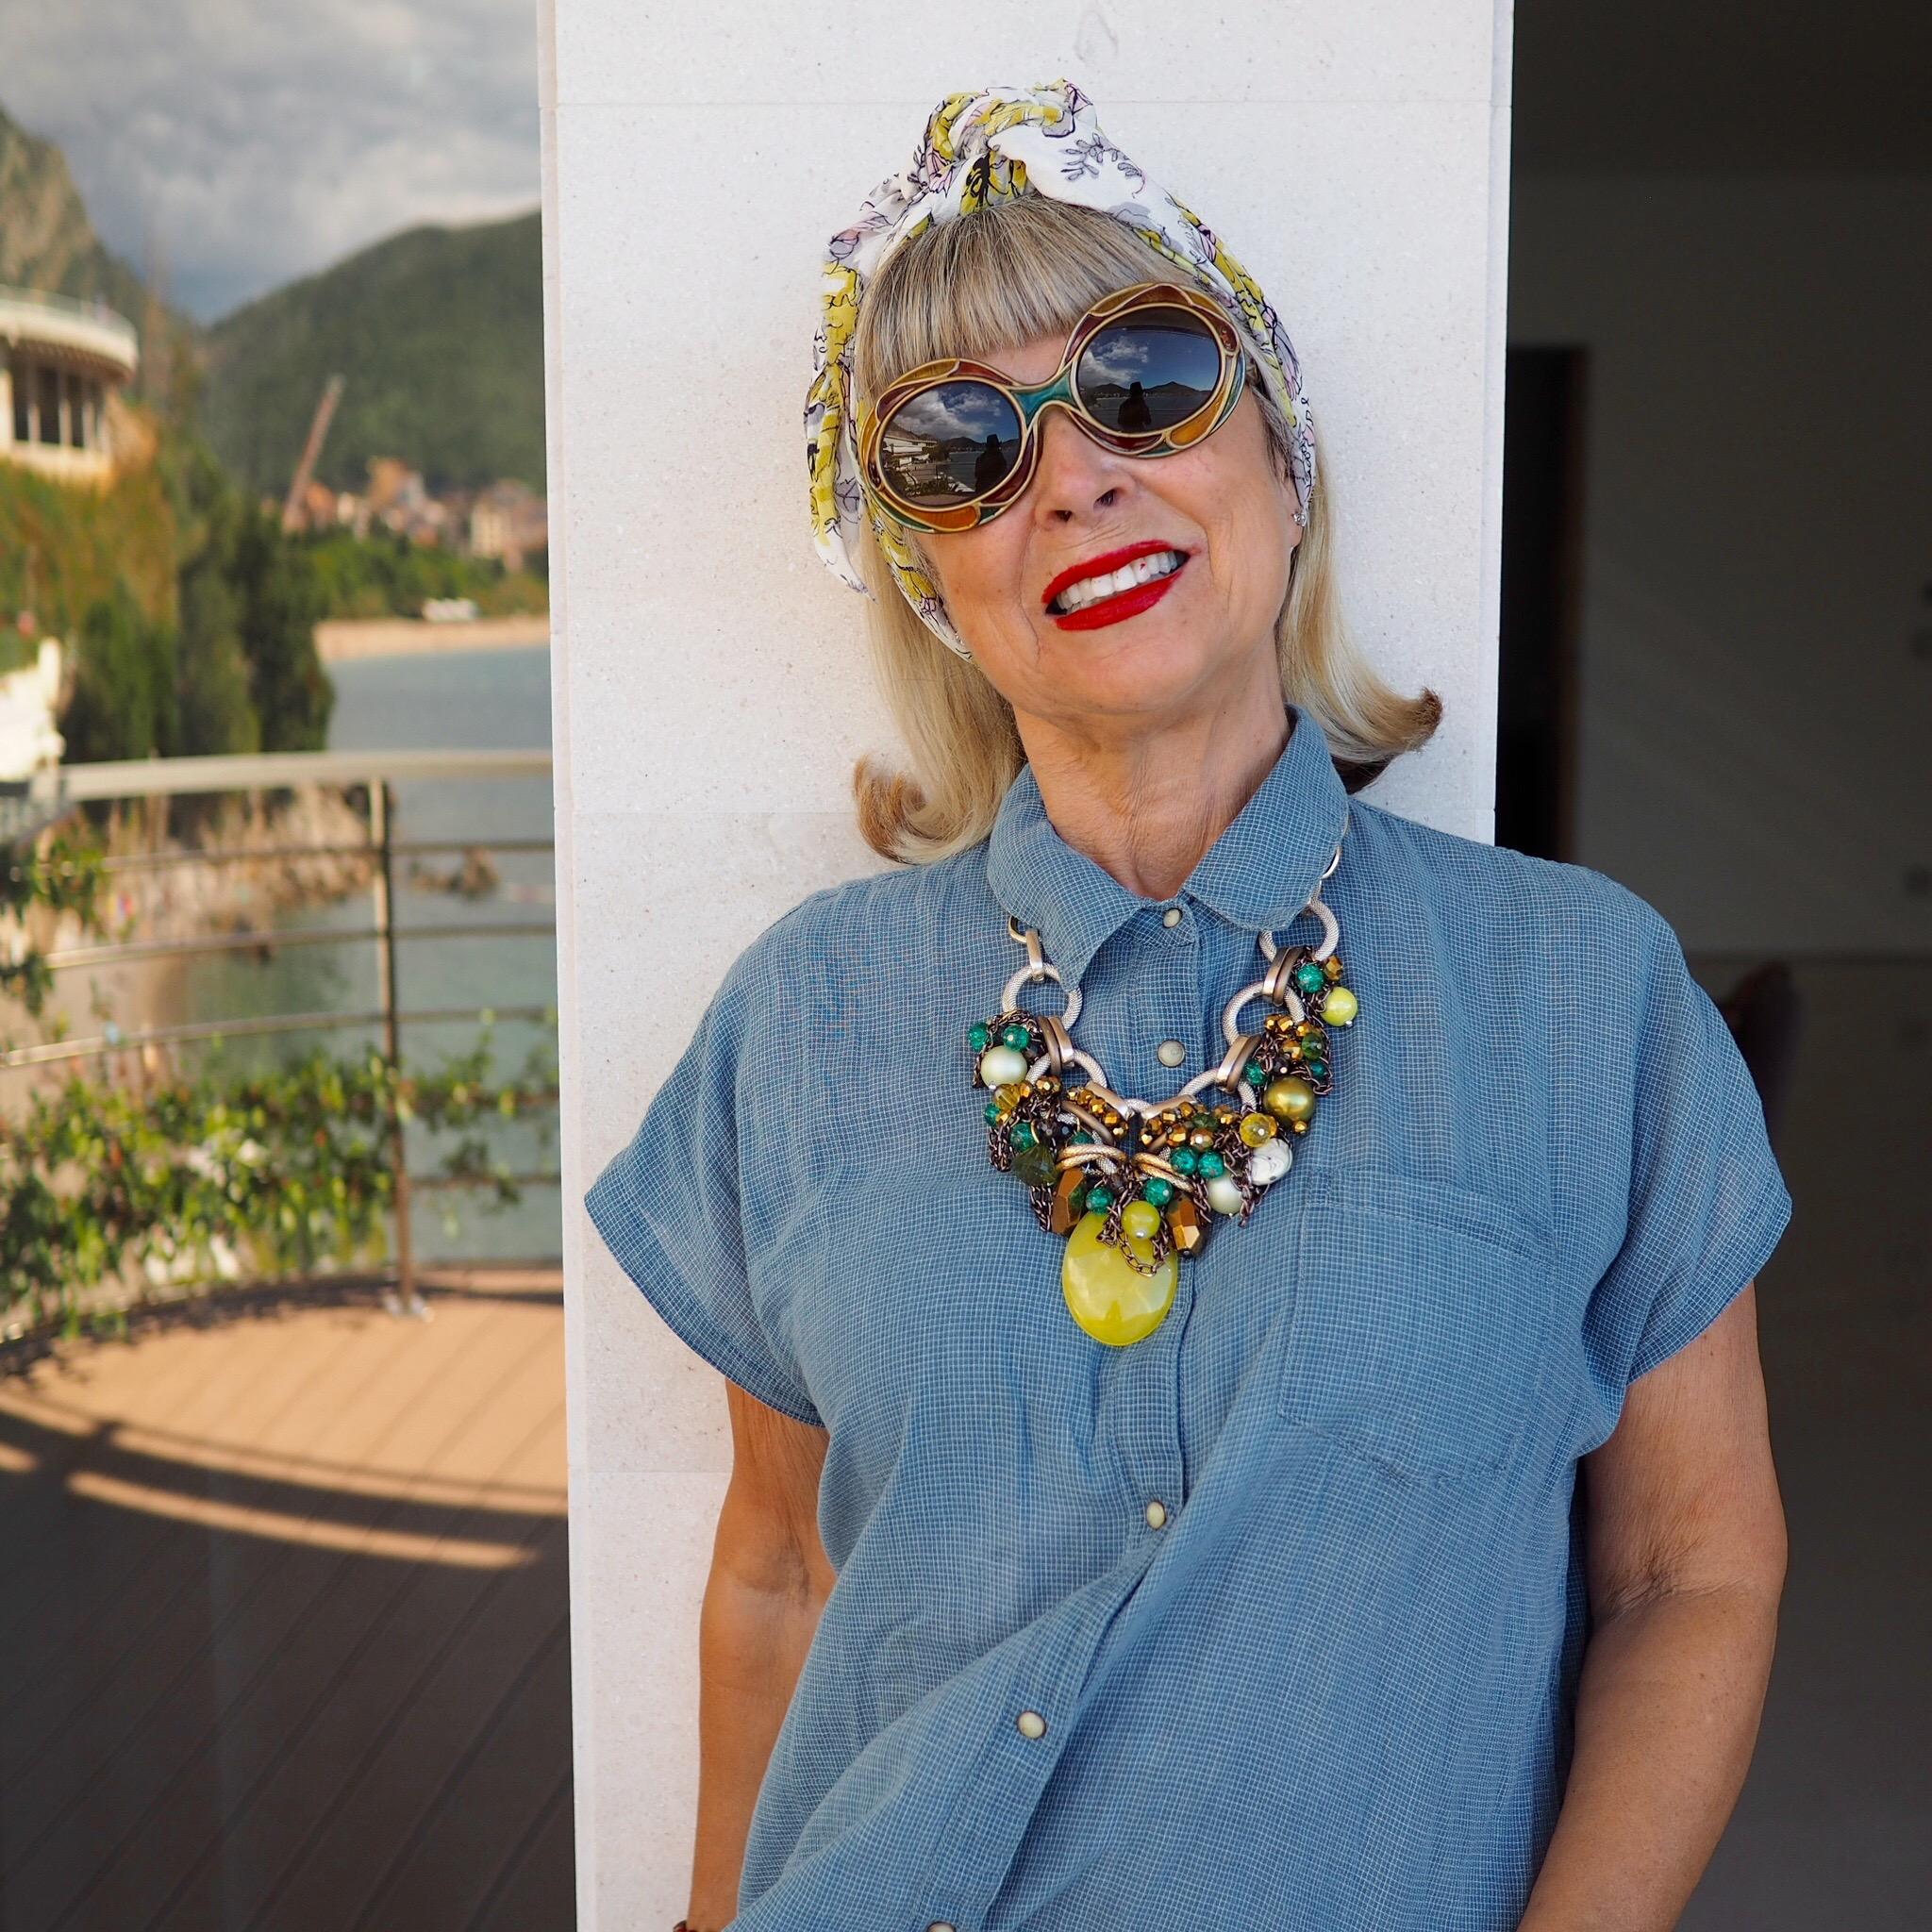 Wearing a summer top in October. Montenegro 2016.